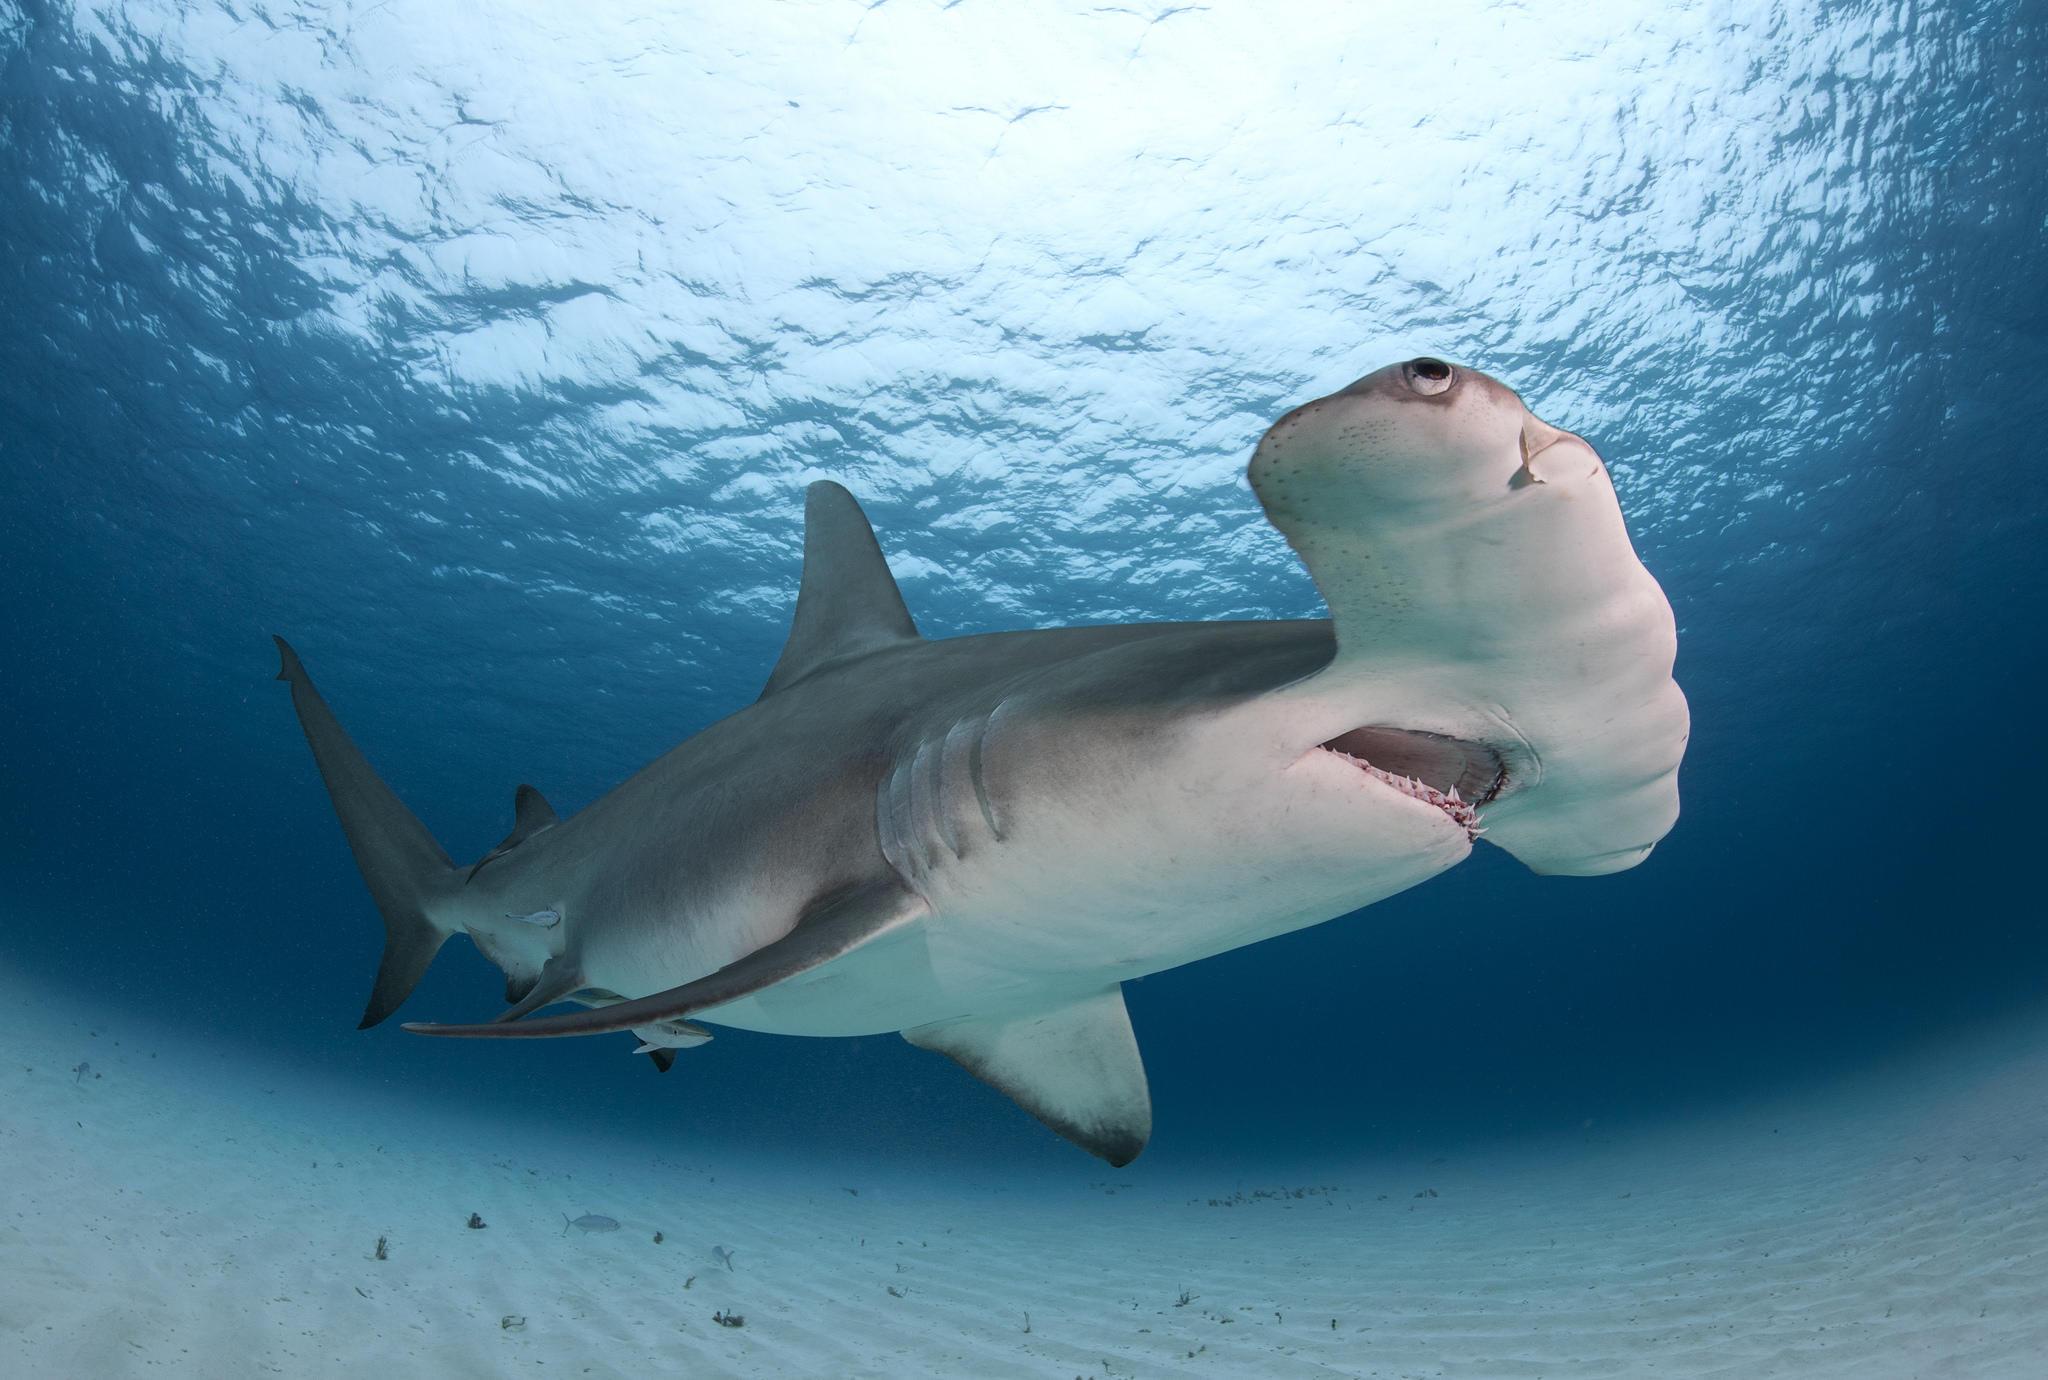 рестораны рис фотографии акул высокой четкости область неделя феврале